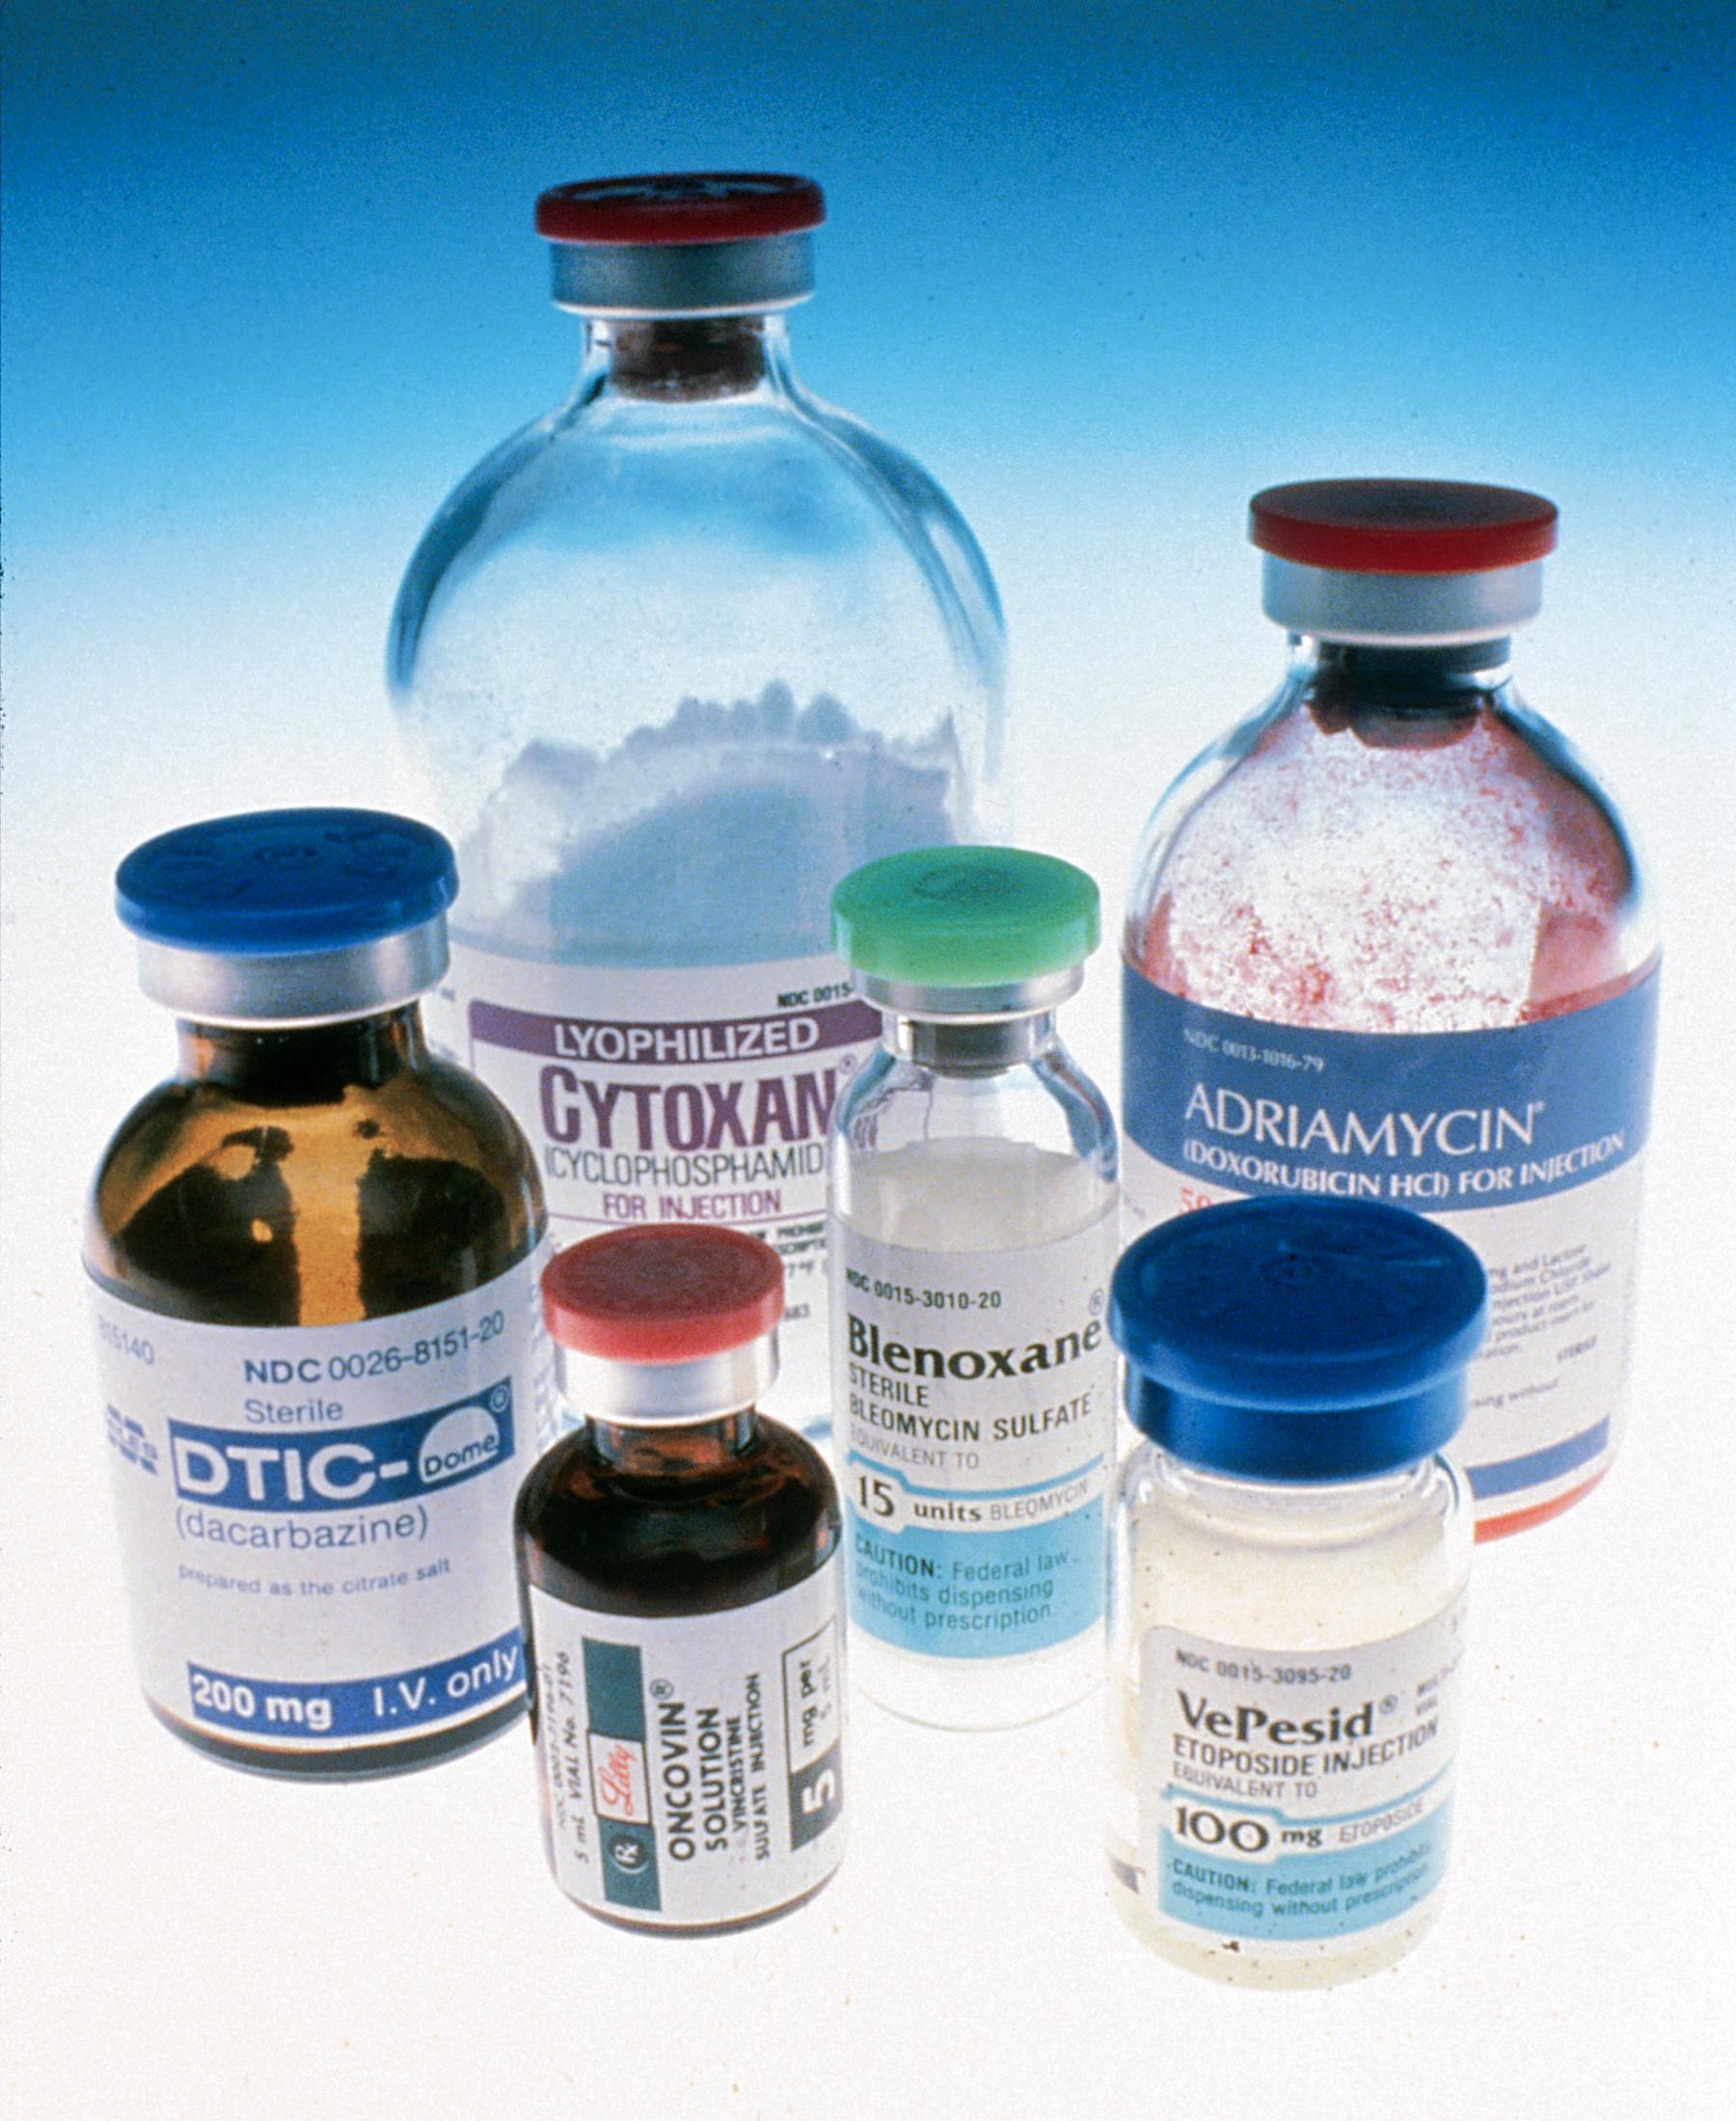 Bőratka okai, bőrakta kezelése - Dermatica, A parazita gyógyszeres kezeléssel kezelik a melanomát